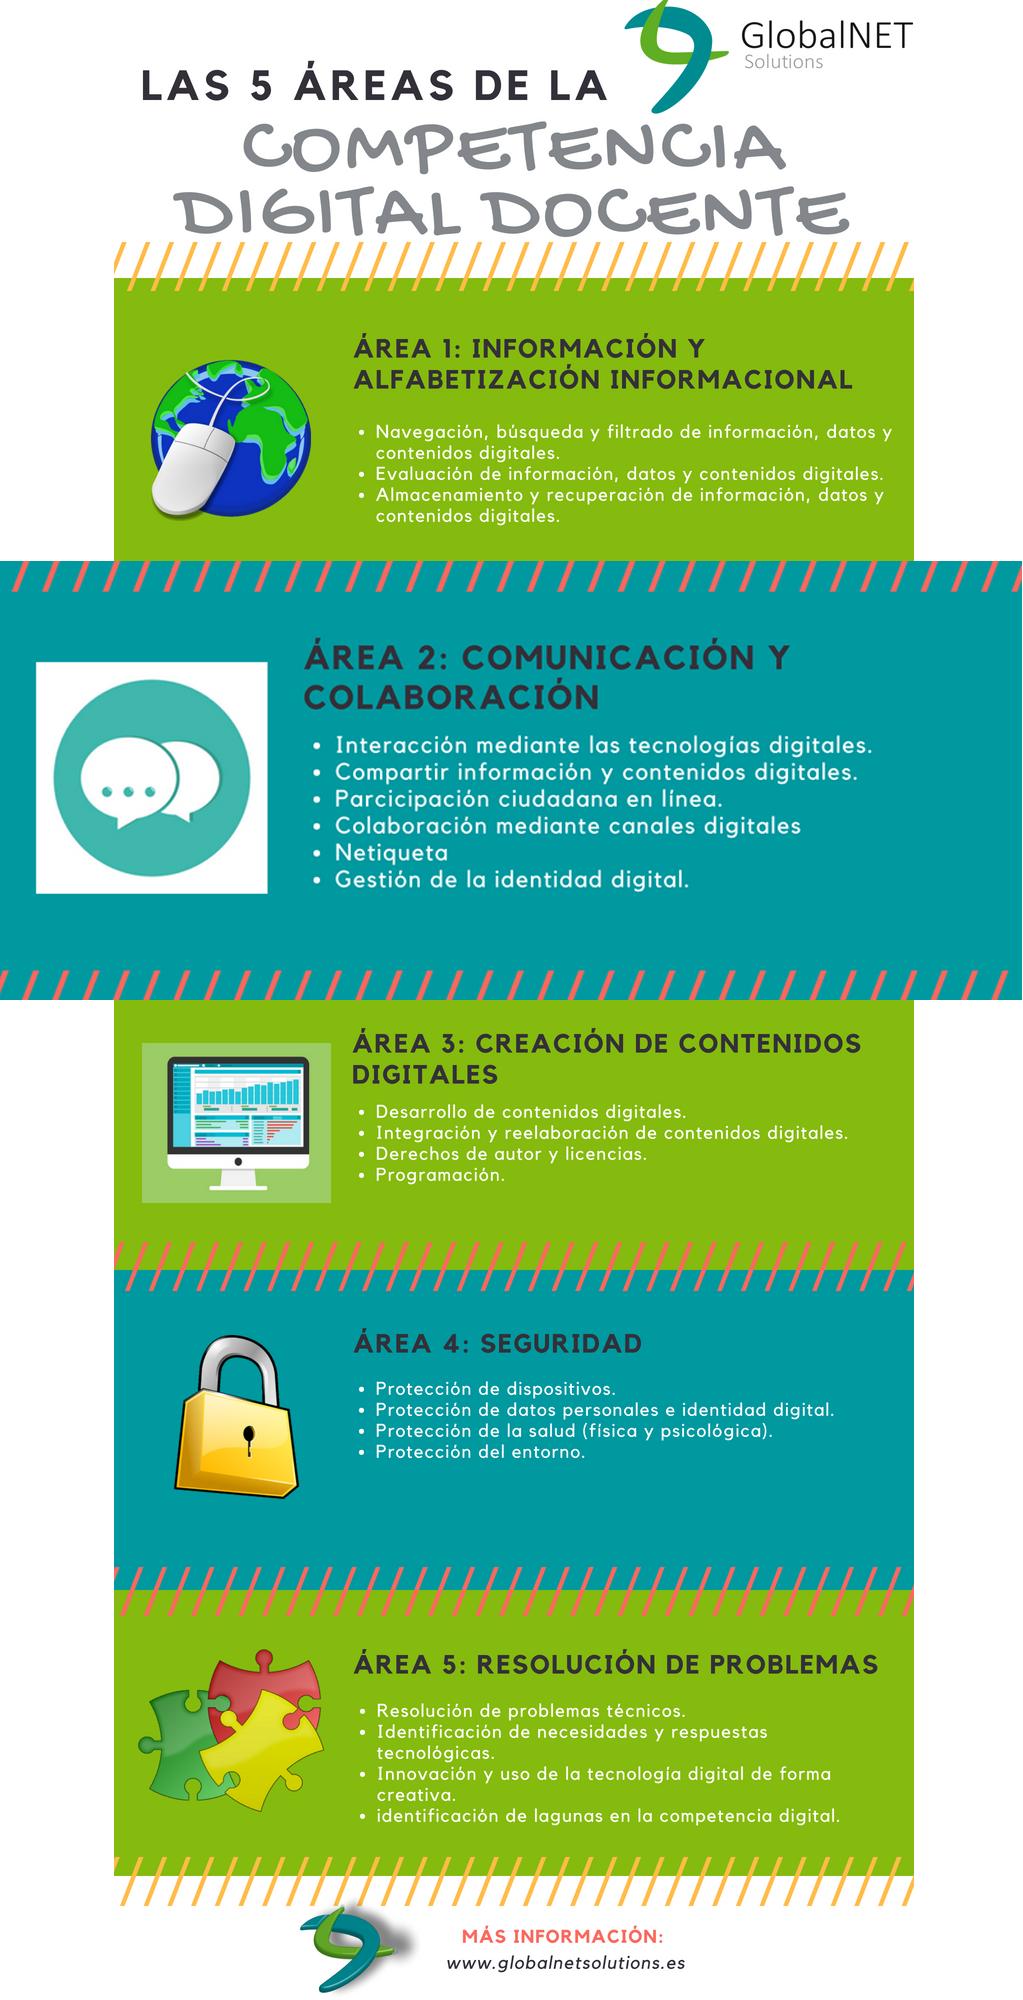 Las cinco áreas de la competencia digital docente